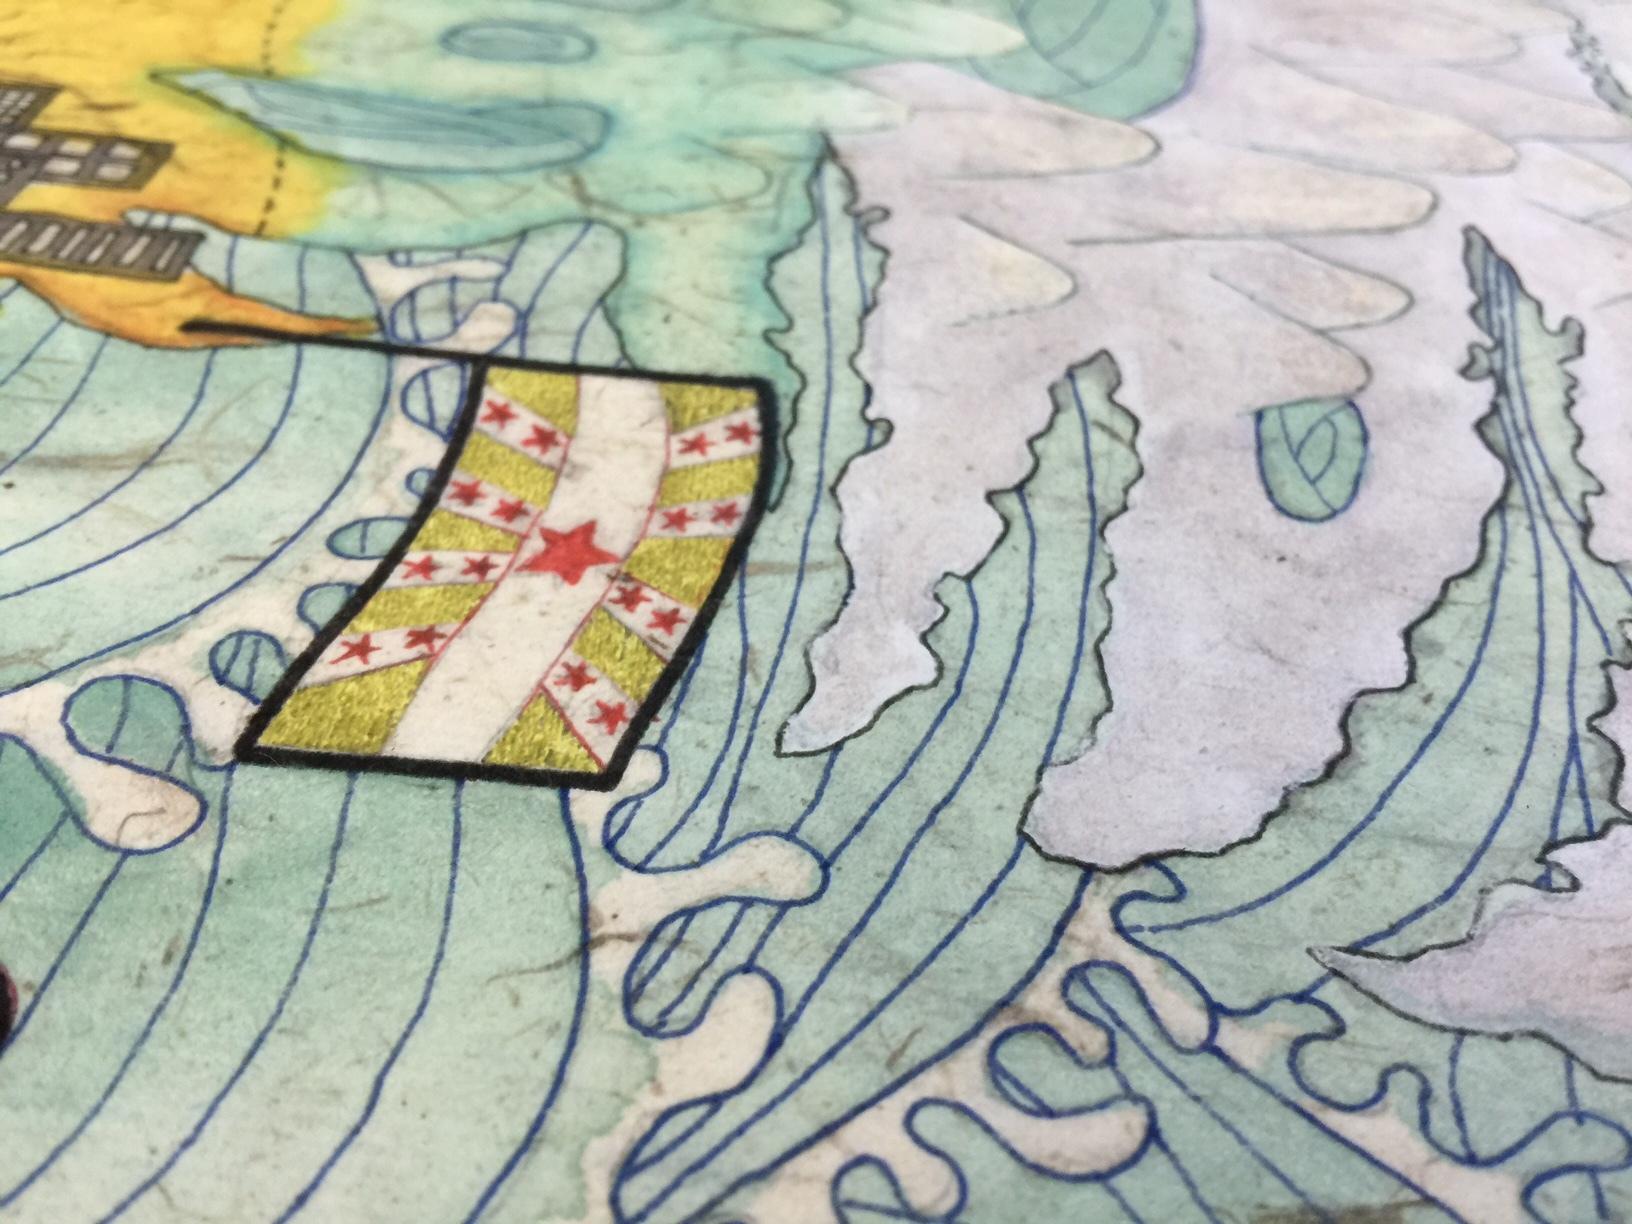 Michelle Kuen Suet Fung, 2084 Imaginary Map print